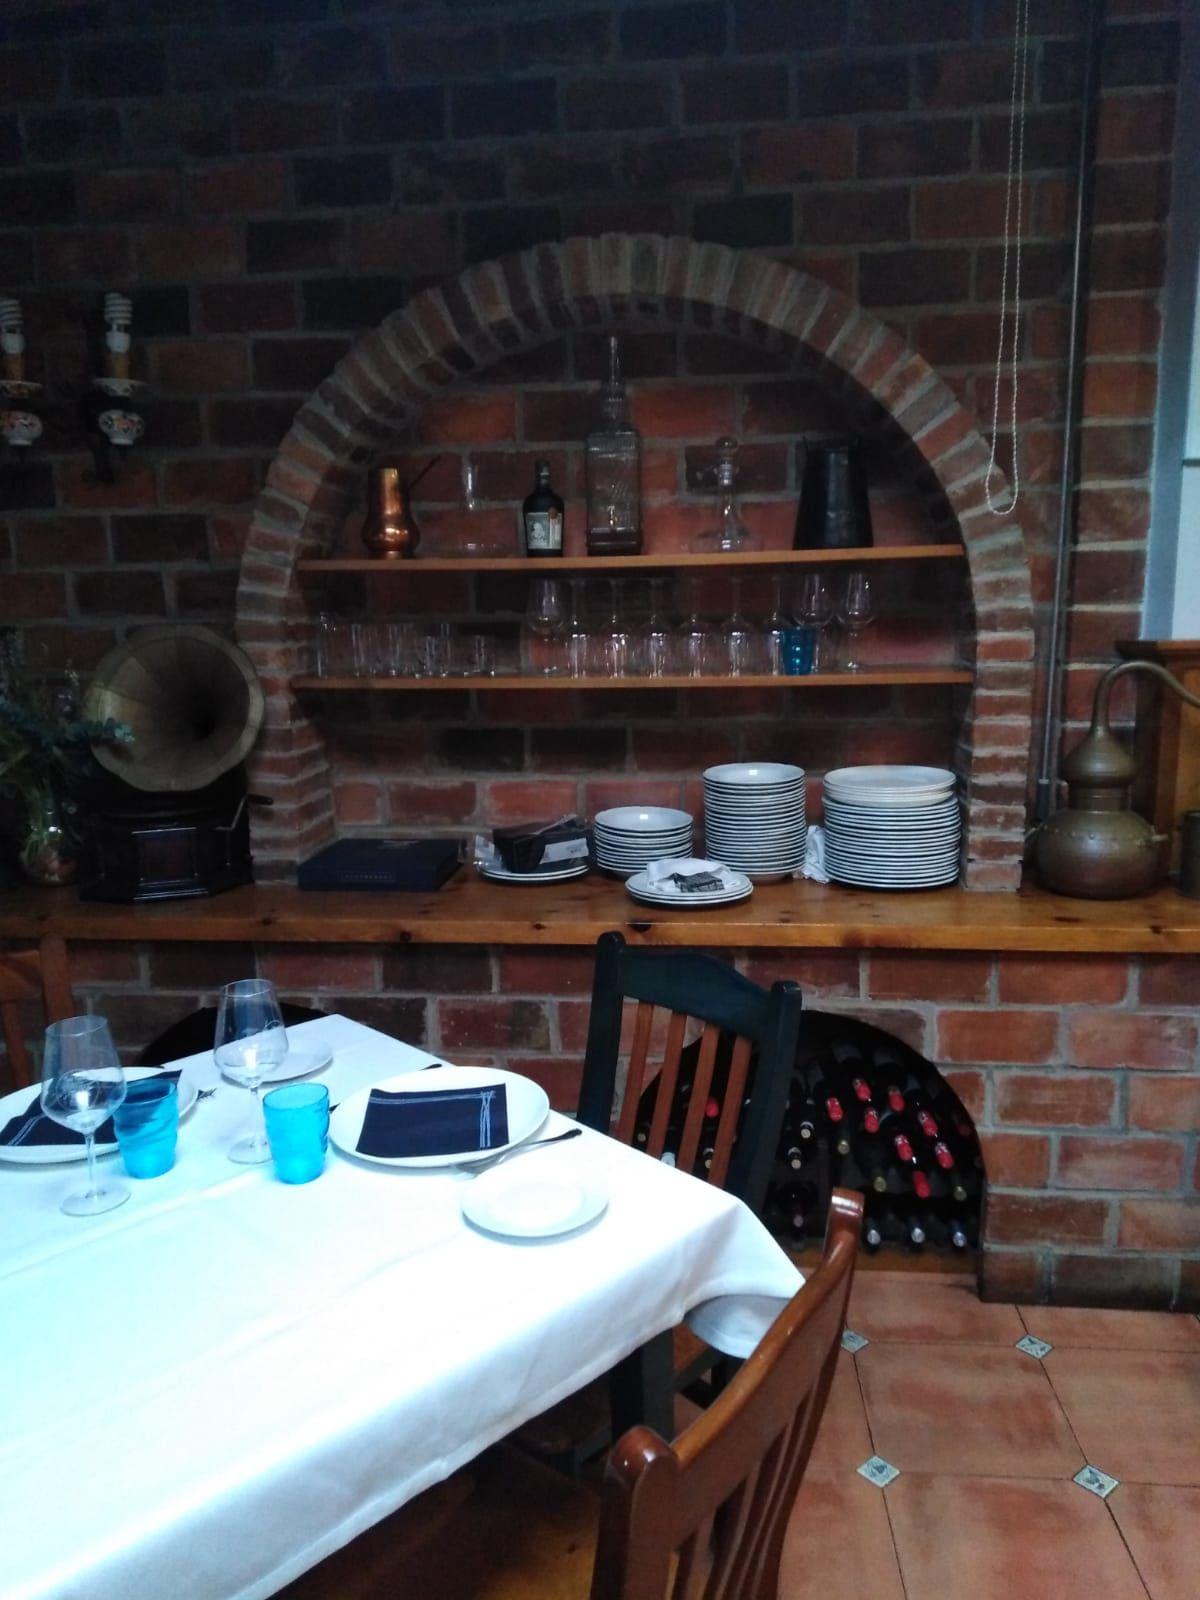 Foto 5 de Cocina tradicional asturiana en  | CASA CARREÑO CON LOS FOGONES DE DANI